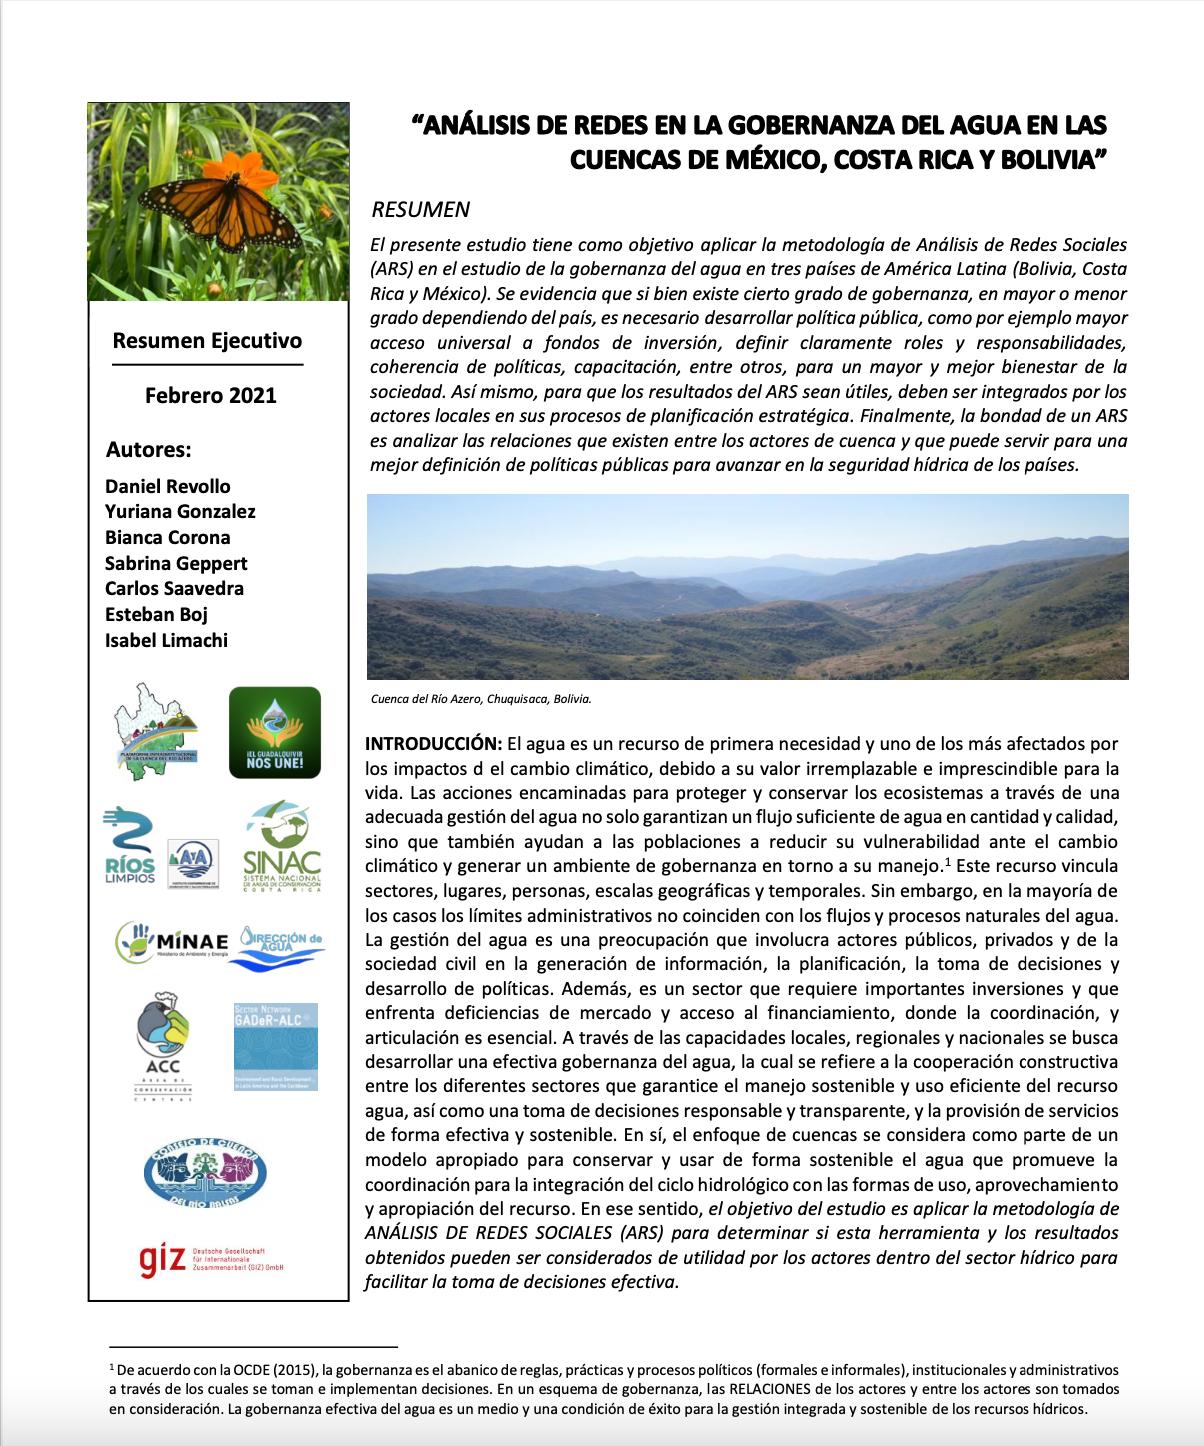 Análisis de redes en la gobernanza del agua en las Cuencas de México, Costa Rica y Bolivia